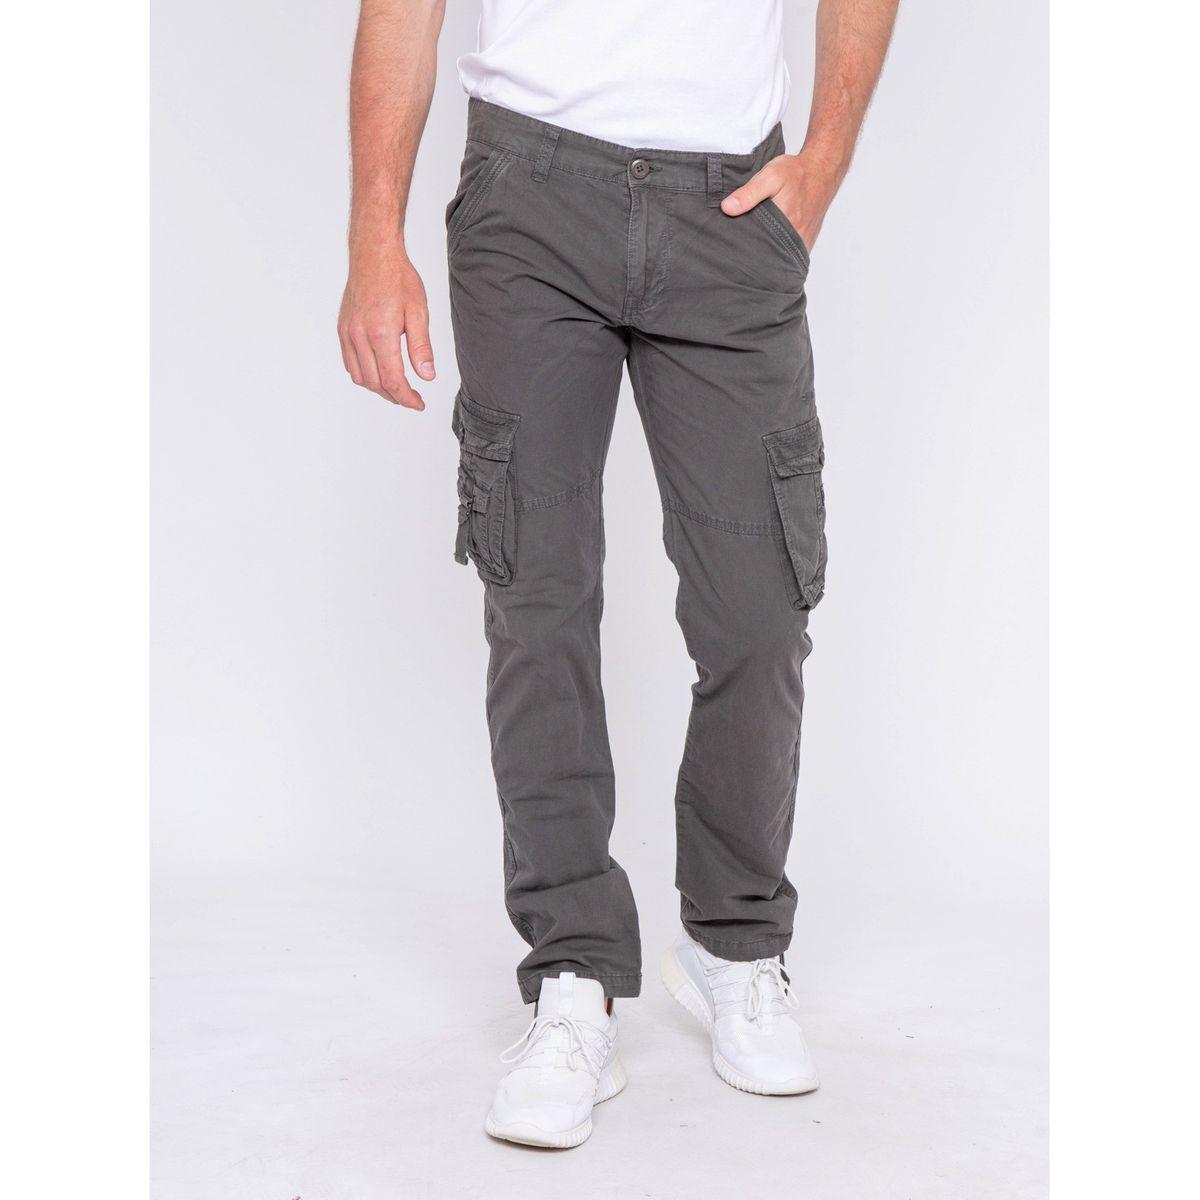 Pantalon Battle Cadelac